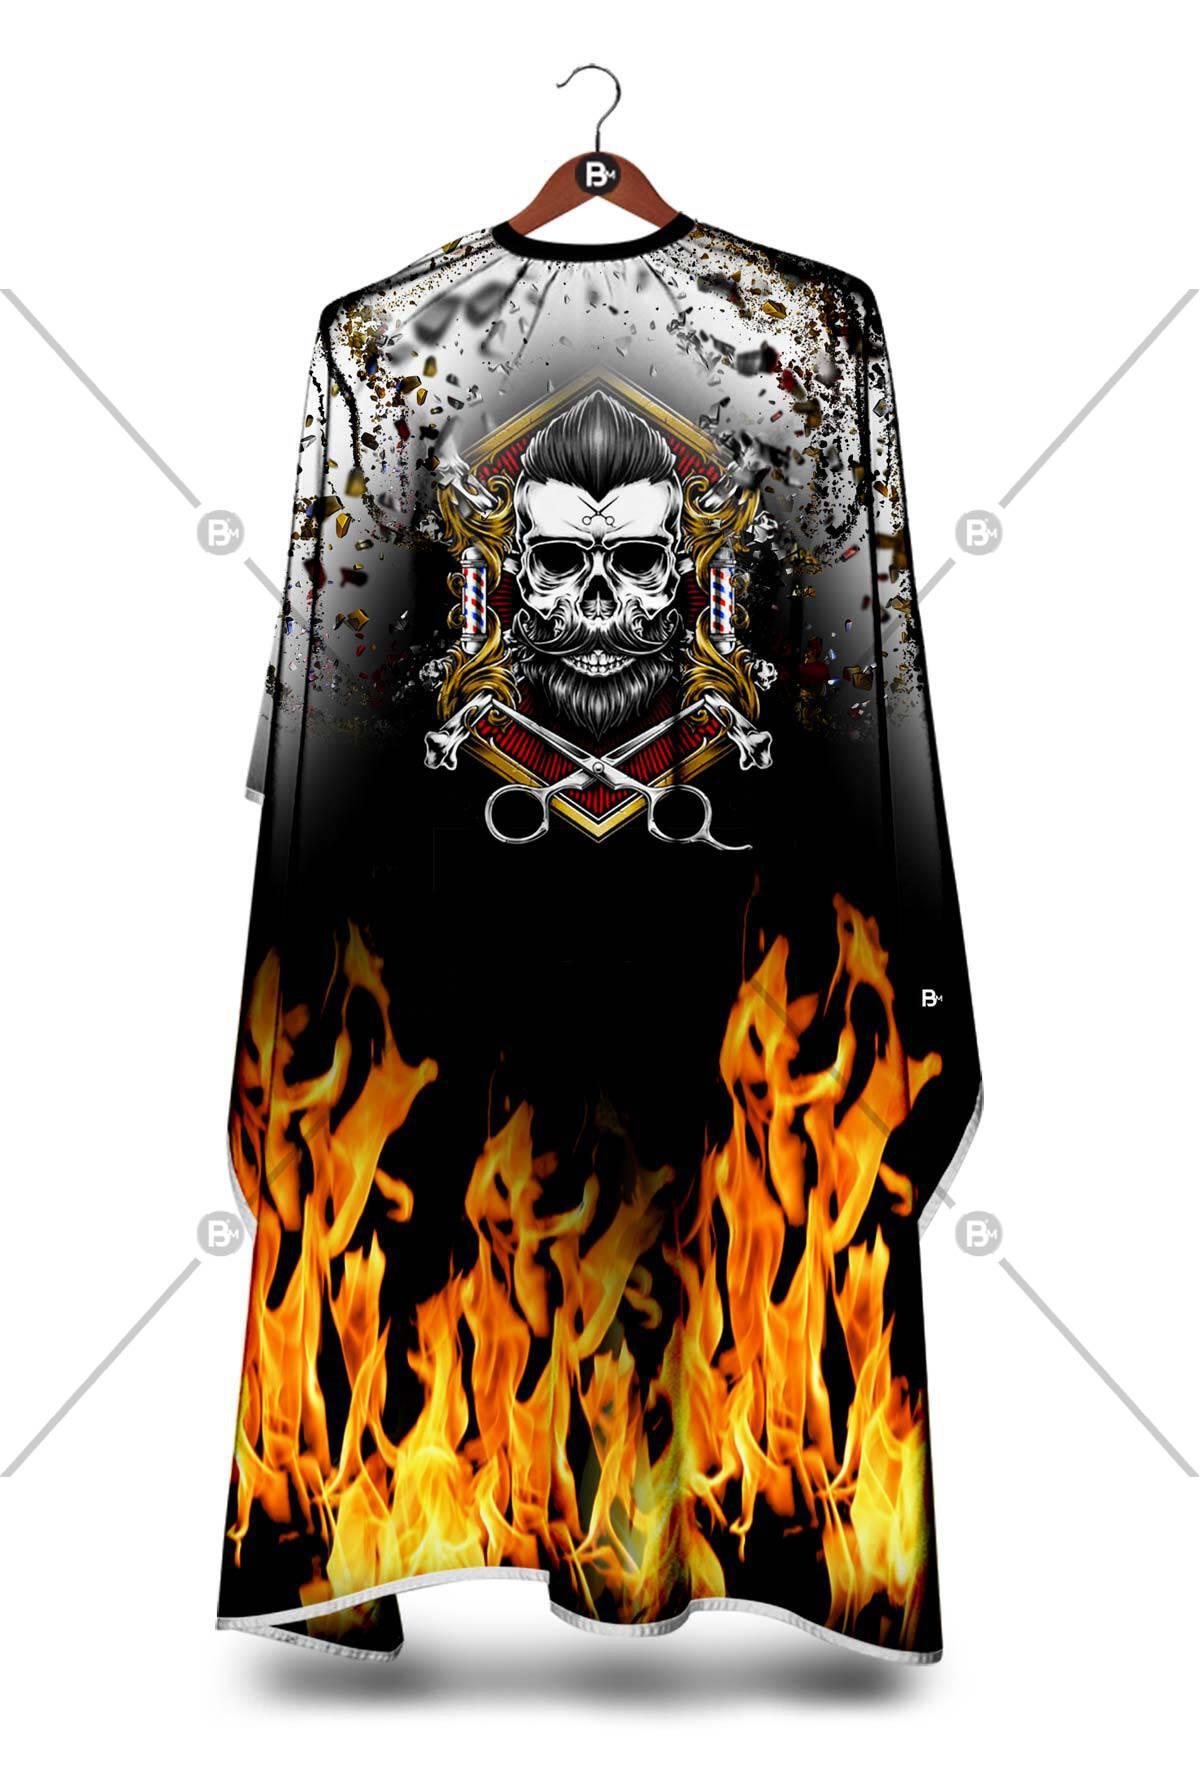 Skull Flame Penuar ürünü tüm müşterileriniz tarafından ilgi ile incelenebilecek, yumuşak dokusu ile antistatik özelliği sayesinde asla kıl, sakal veya tüy tutmayacaktır.